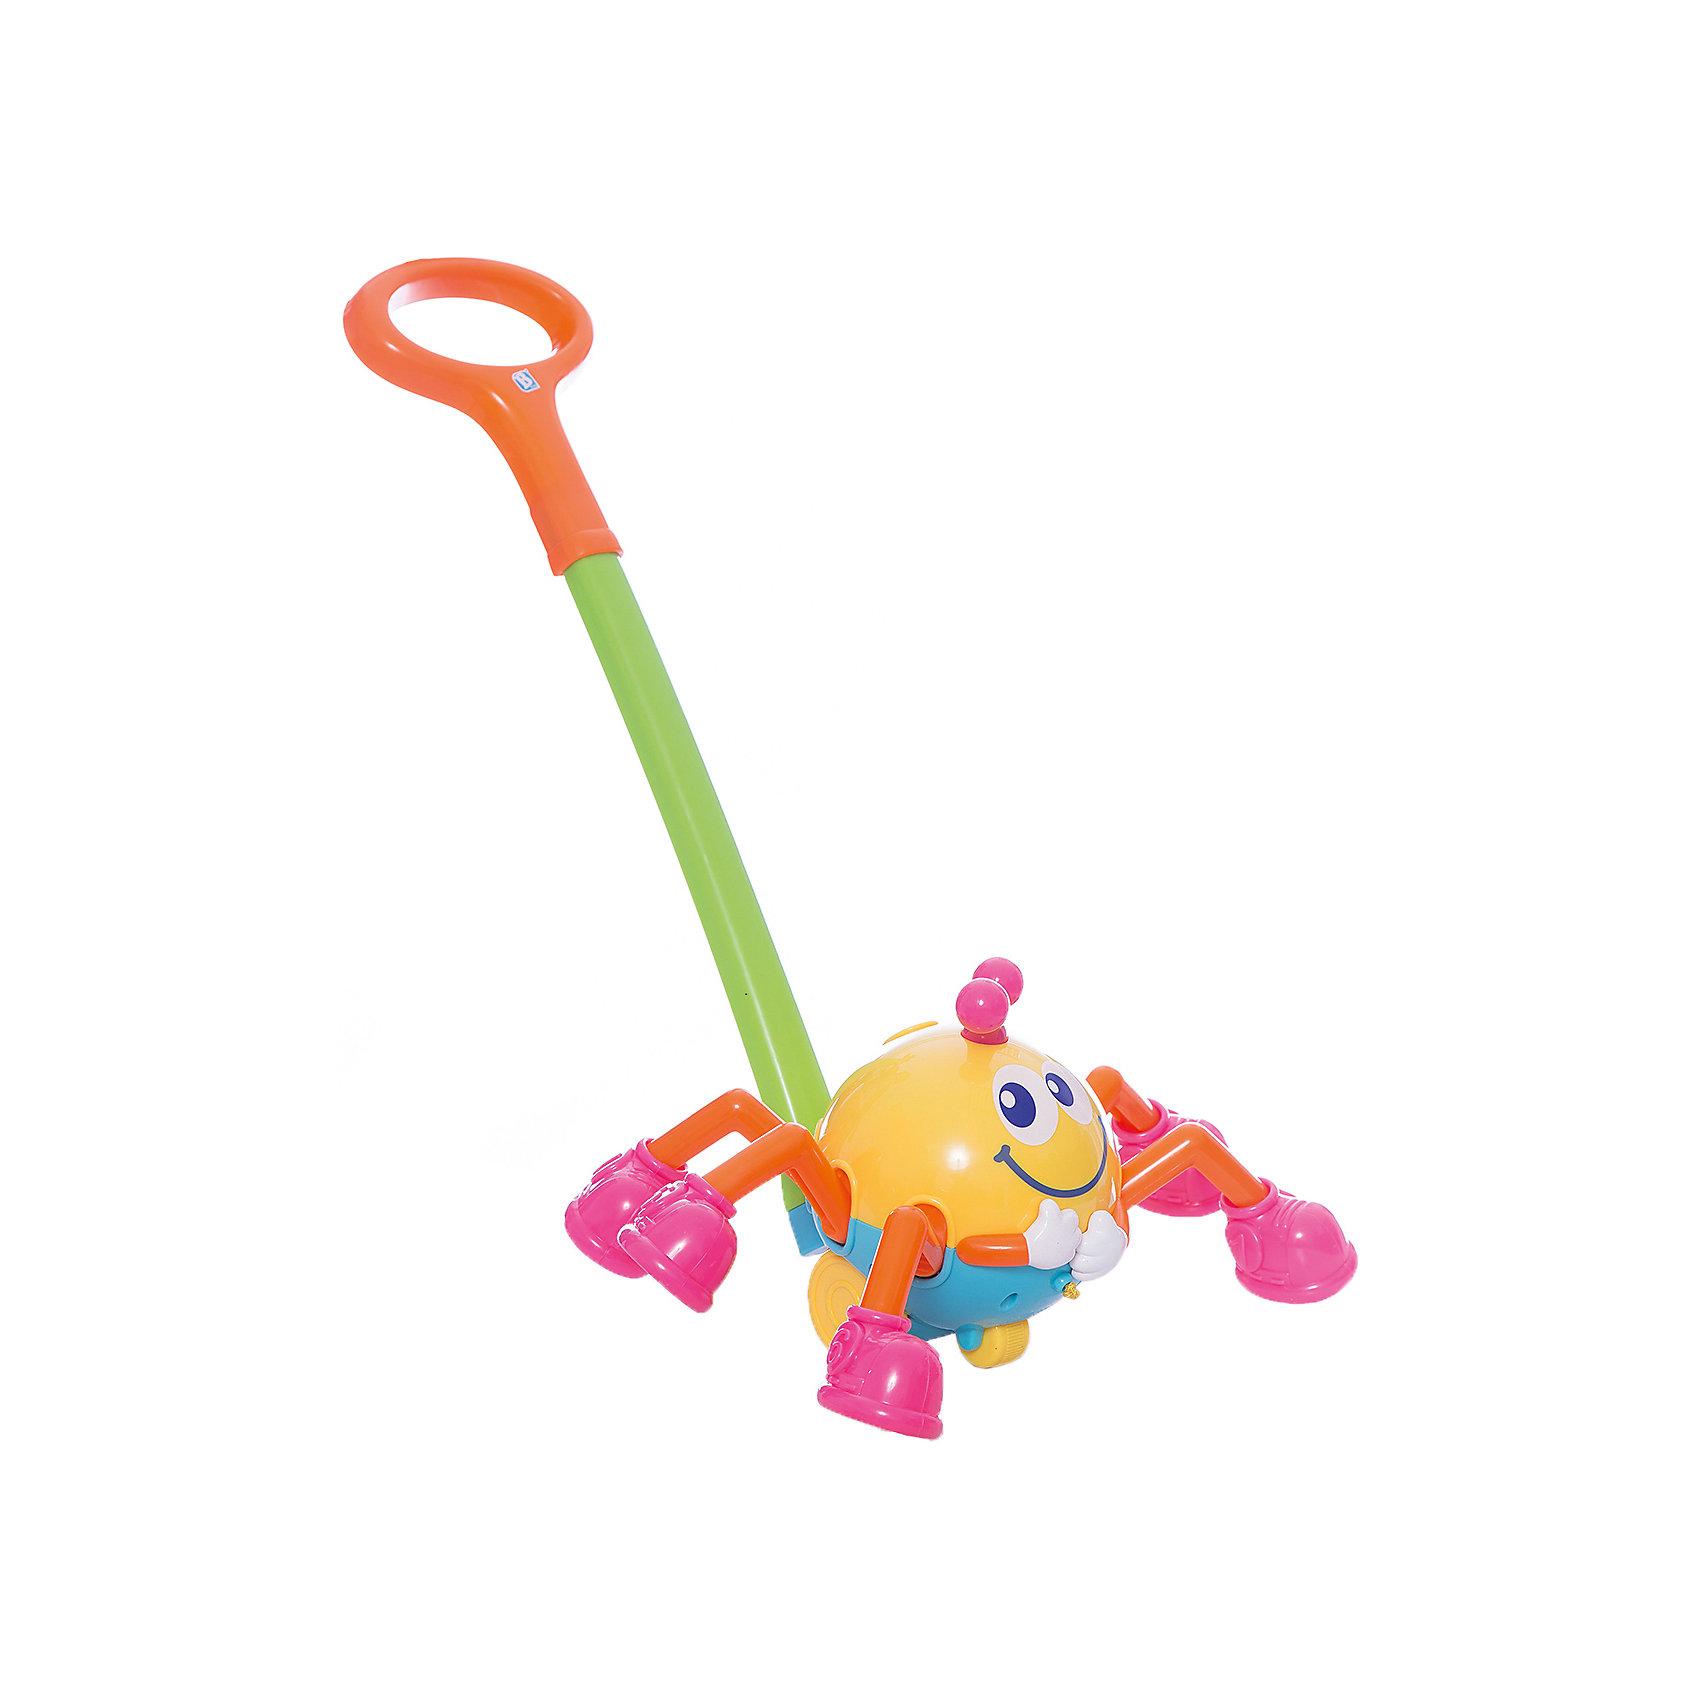 Игрушка Паучок на ручке, BKidsИнтерактивные игрушки для малышей<br>Развивать способности ребенка можно с самого раннего возраста. Делая это в игре, малыш всесторонне изучает мир и осваивает новые навыки. Эта игрушка представляет собой музыкальную каталку в виде паучка.<br>Такие игрушки способствуют развитию мелкой моторики, воображения, цвето- и звуковосприятия, тактильных ощущений и обучению. Изделие разработано специально для самых маленьких. Сделано из материалов, безопасных для детей.<br><br>Дополнительная информация:<br><br>цвет: разноцветный;<br>размер: 60 х 36 х 17 см;<br>батарейки: 2хLR44, входят в комплект;<br>возраст: от года.<br><br>Игрушку Паучок на ручке от бренда BKids можно купить в нашем интернет-магазине.<br><br>Ширина мм: 375<br>Глубина мм: 375<br>Высота мм: 190<br>Вес г: 625<br>Возраст от месяцев: 12<br>Возраст до месяцев: 36<br>Пол: Унисекс<br>Возраст: Детский<br>SKU: 5055368